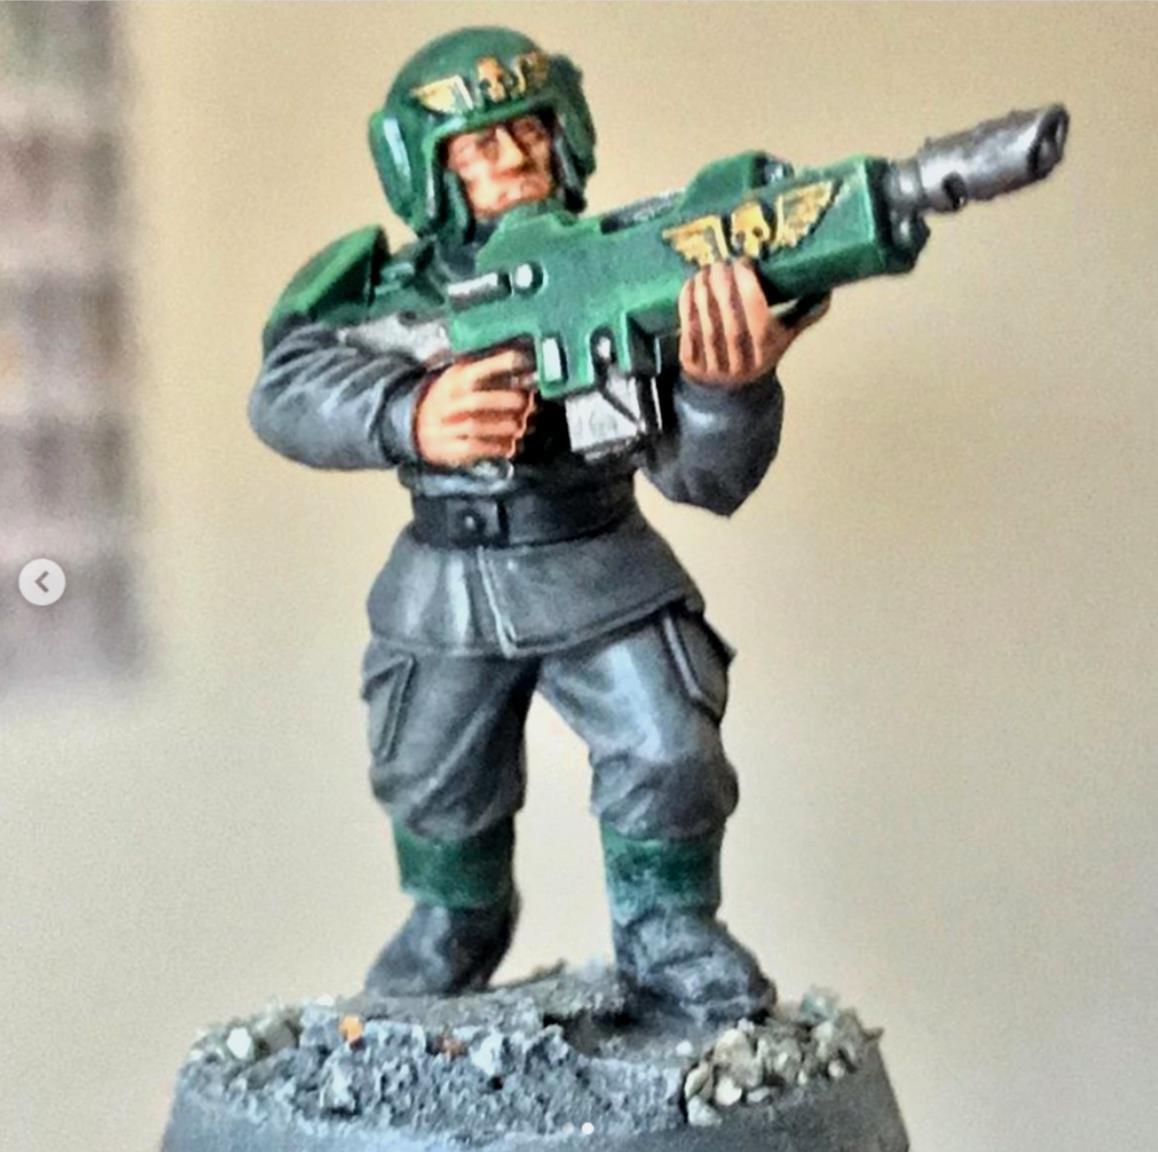 Astra Militarum Trooper